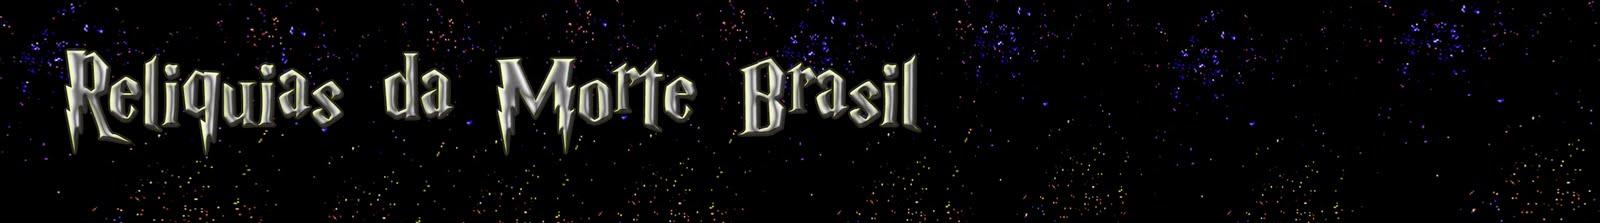 Relíquias da Morte Brasil